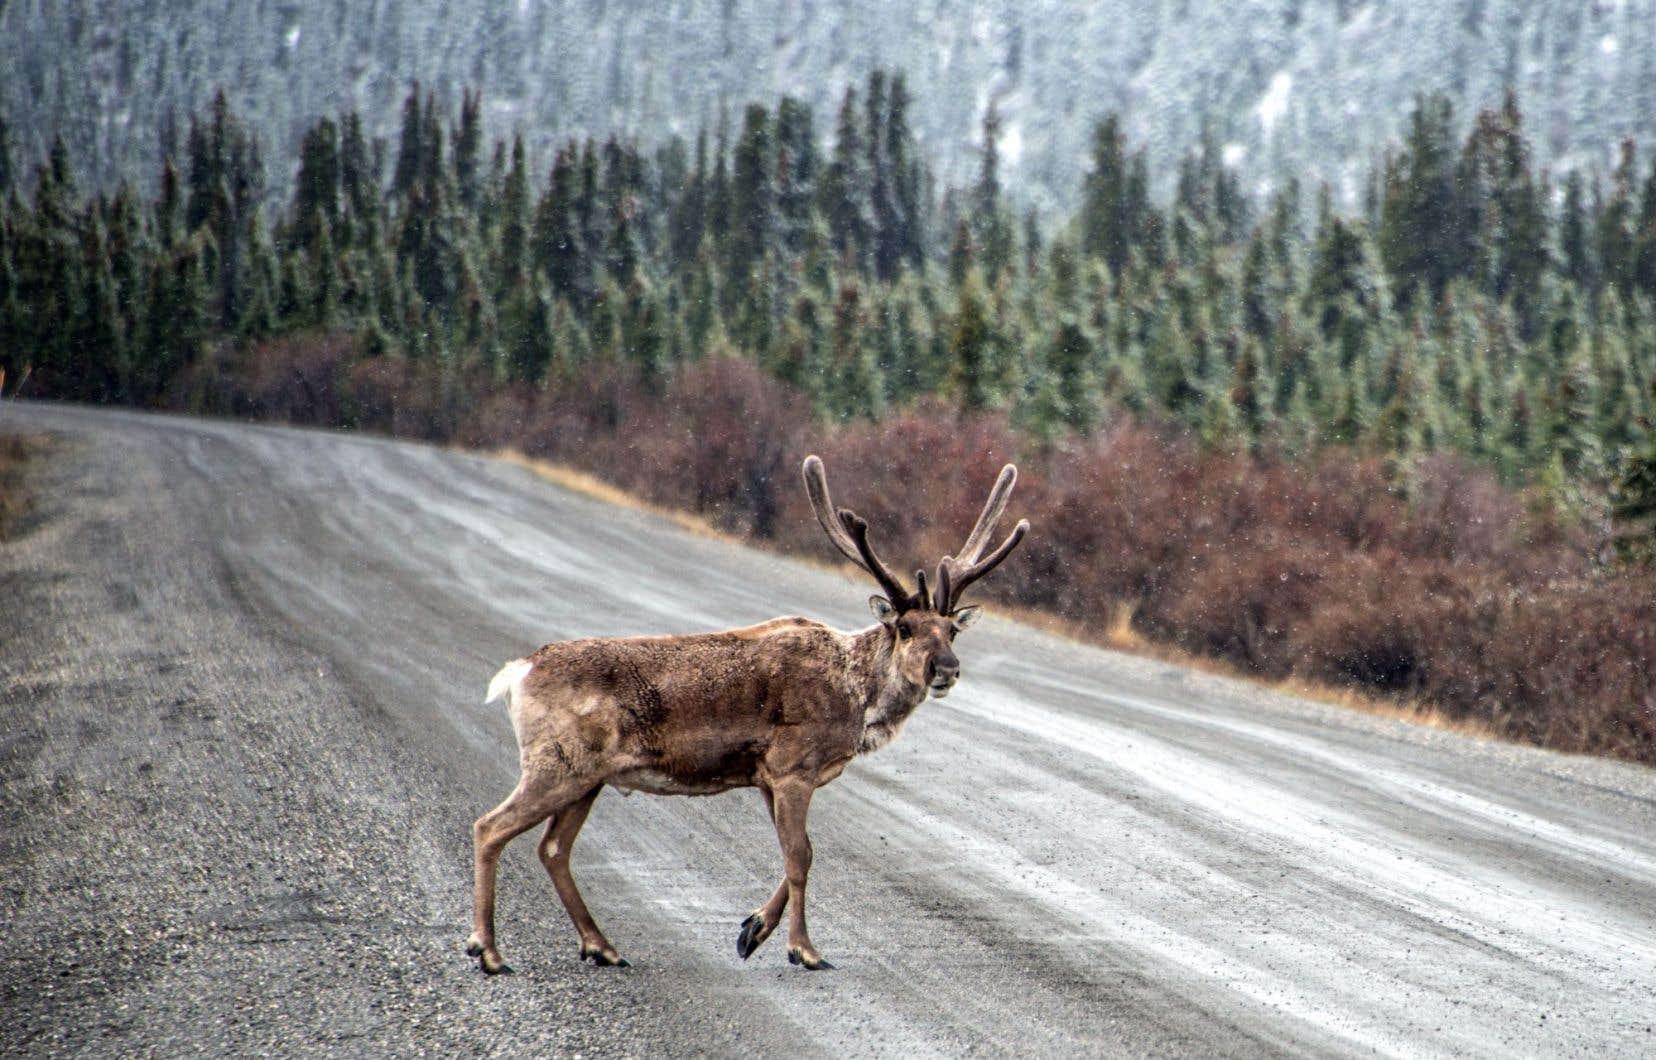 Ottawa a conféré au caribou migrateur le statut d'espèce en voie de disparition, mais le Québec ne voit pas la nécessité de faire de même.